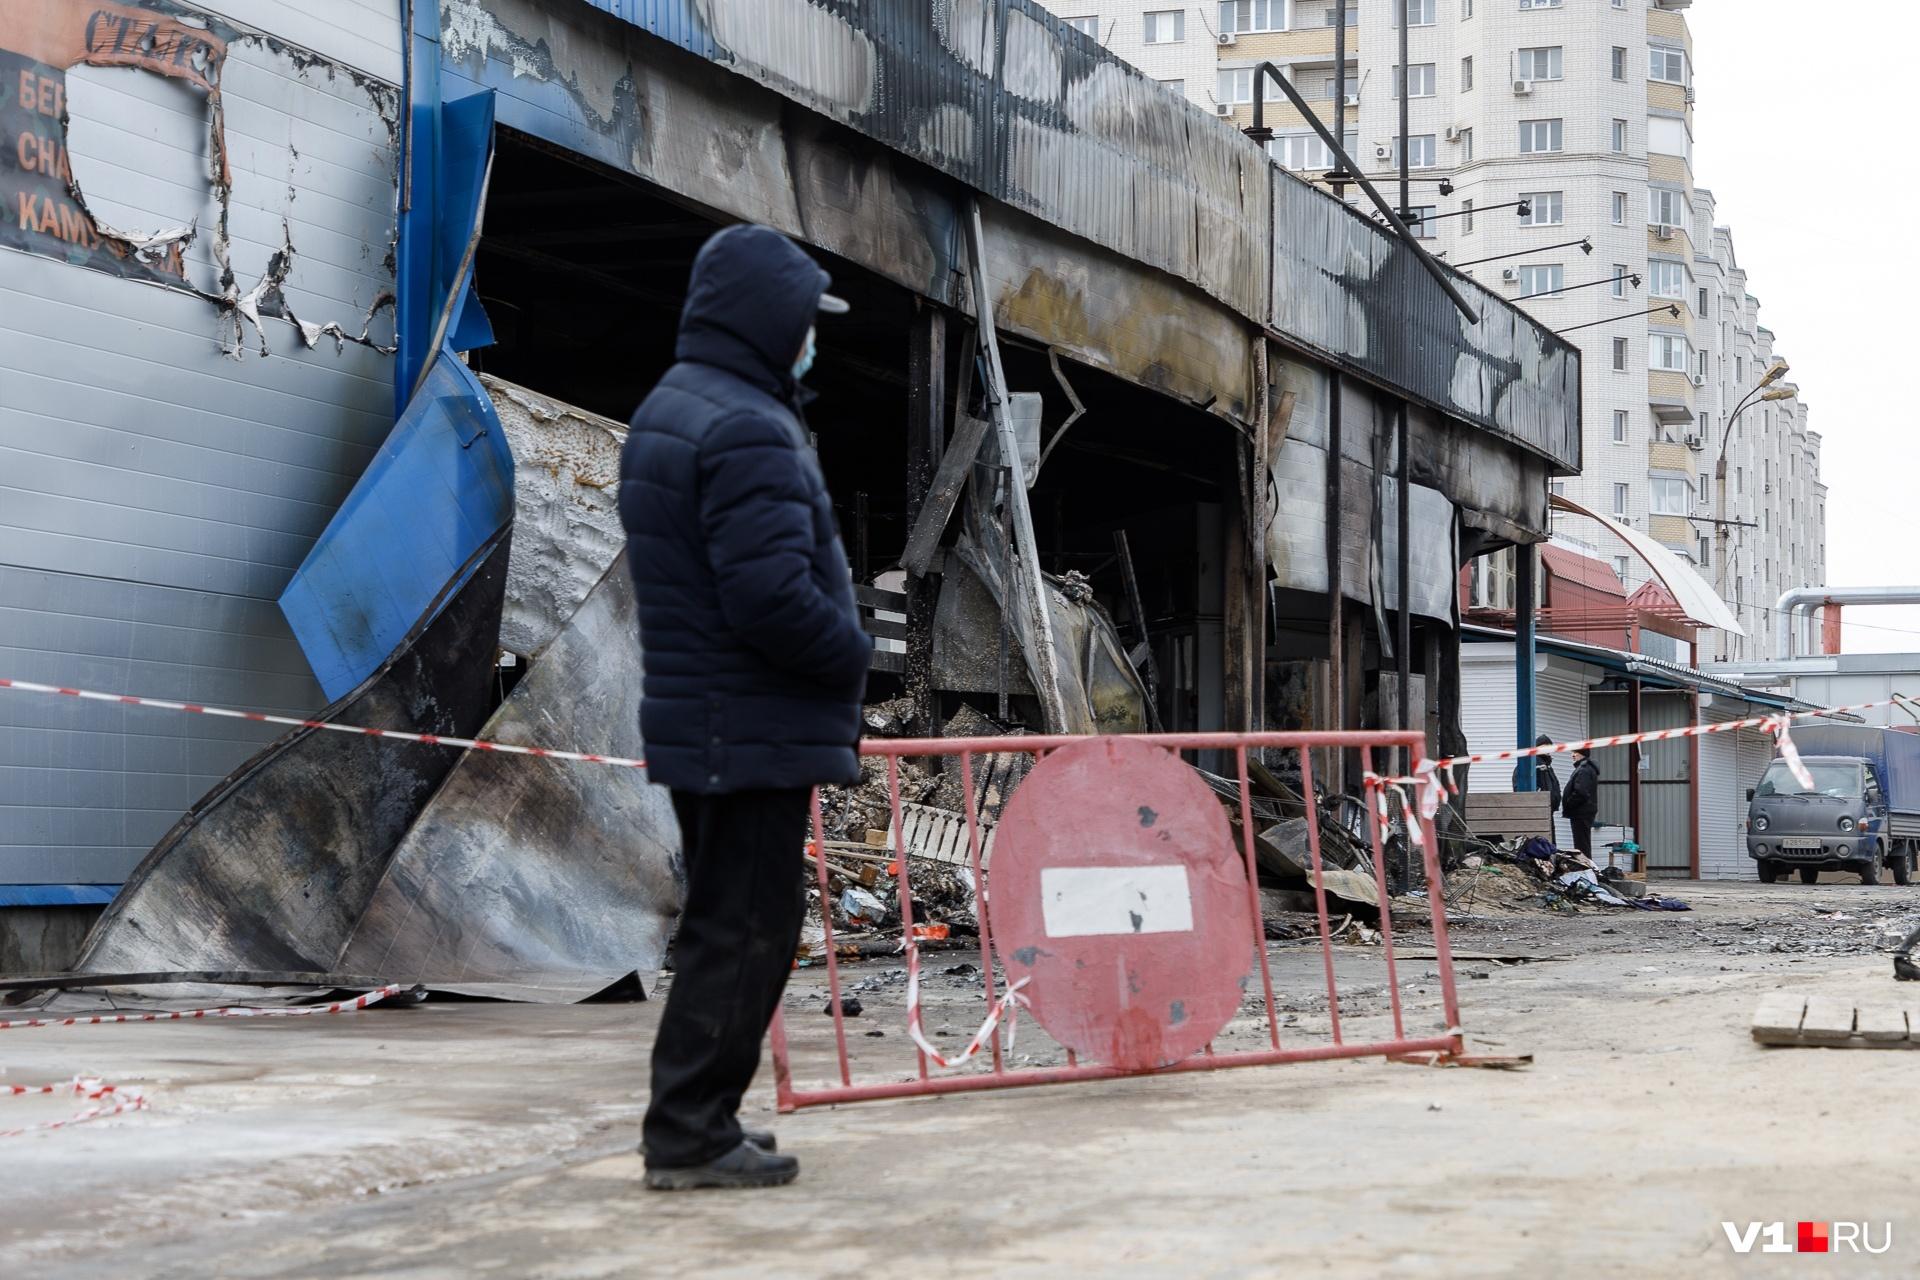 Торговцы подходят к сгоревшему павильону, где уничтожен товар на миллионы рублей